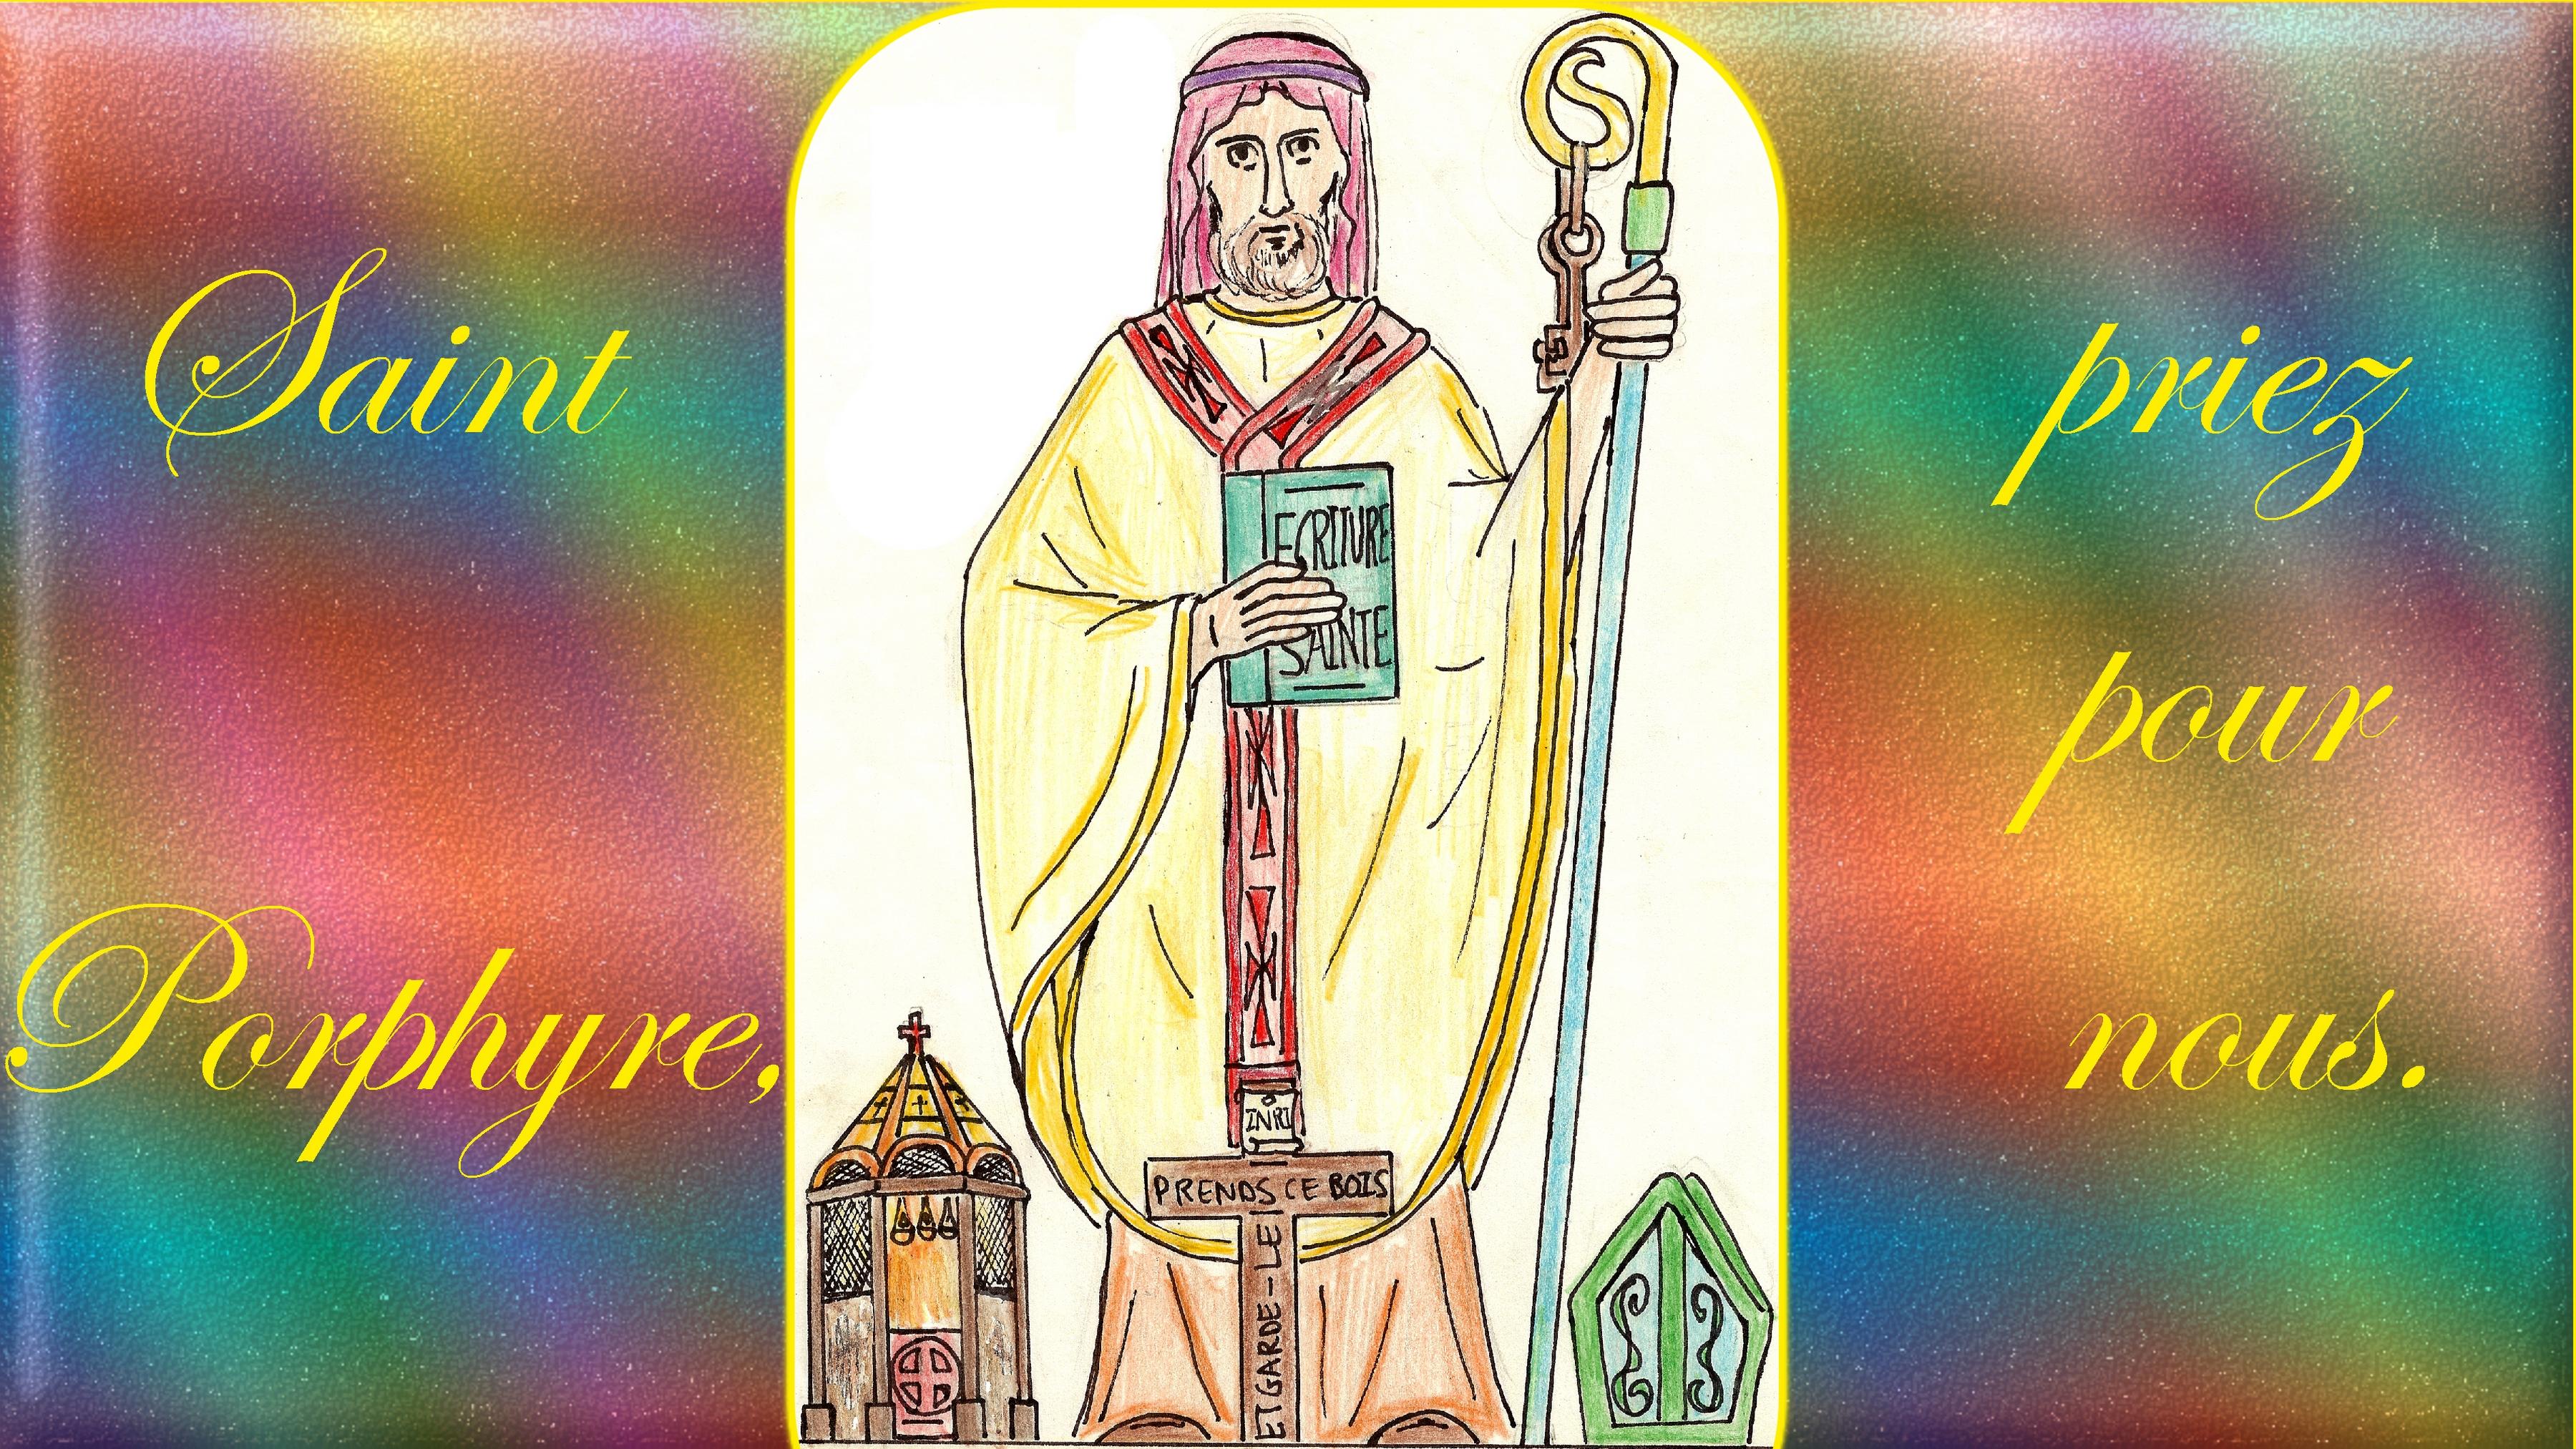 CALENDRIER CATHOLIQUE 2020 (Cantiques, Prières & Images) - Page 6 St-porphyre-5716784